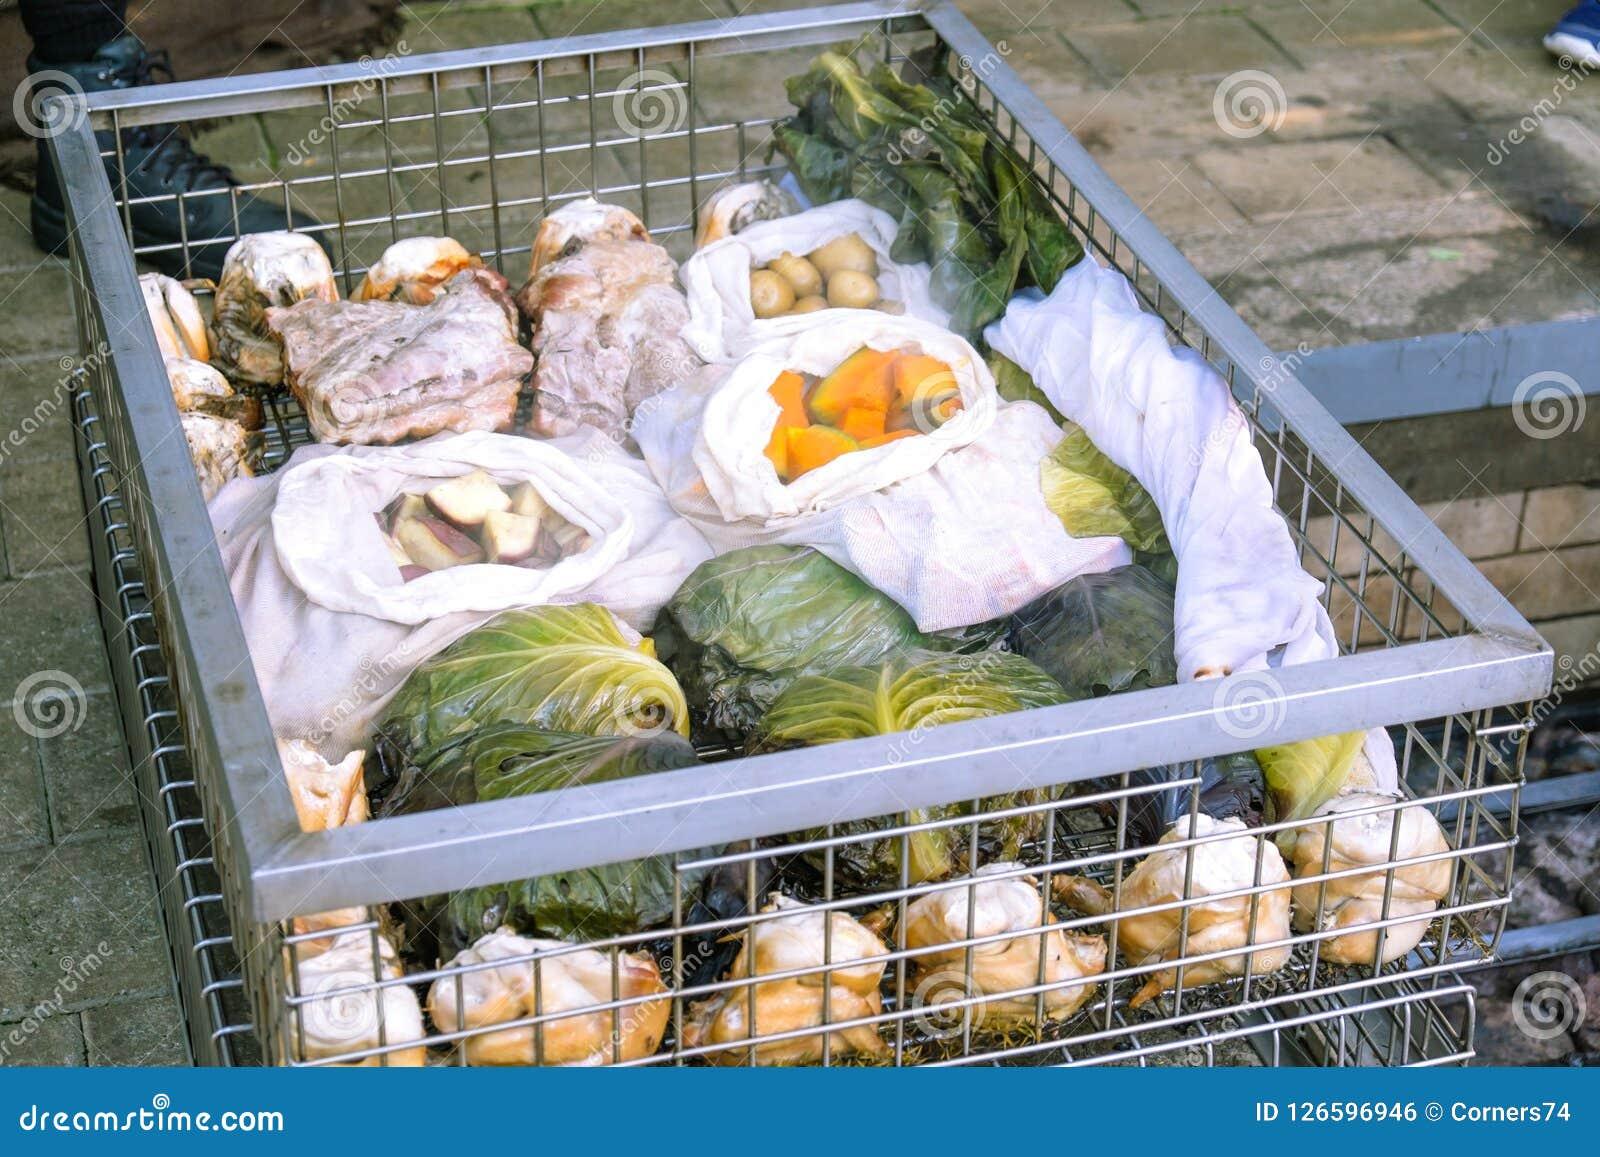 Nourriture cuite à la vapeur de hangi : viande et légumes cuits dans un traditionnel